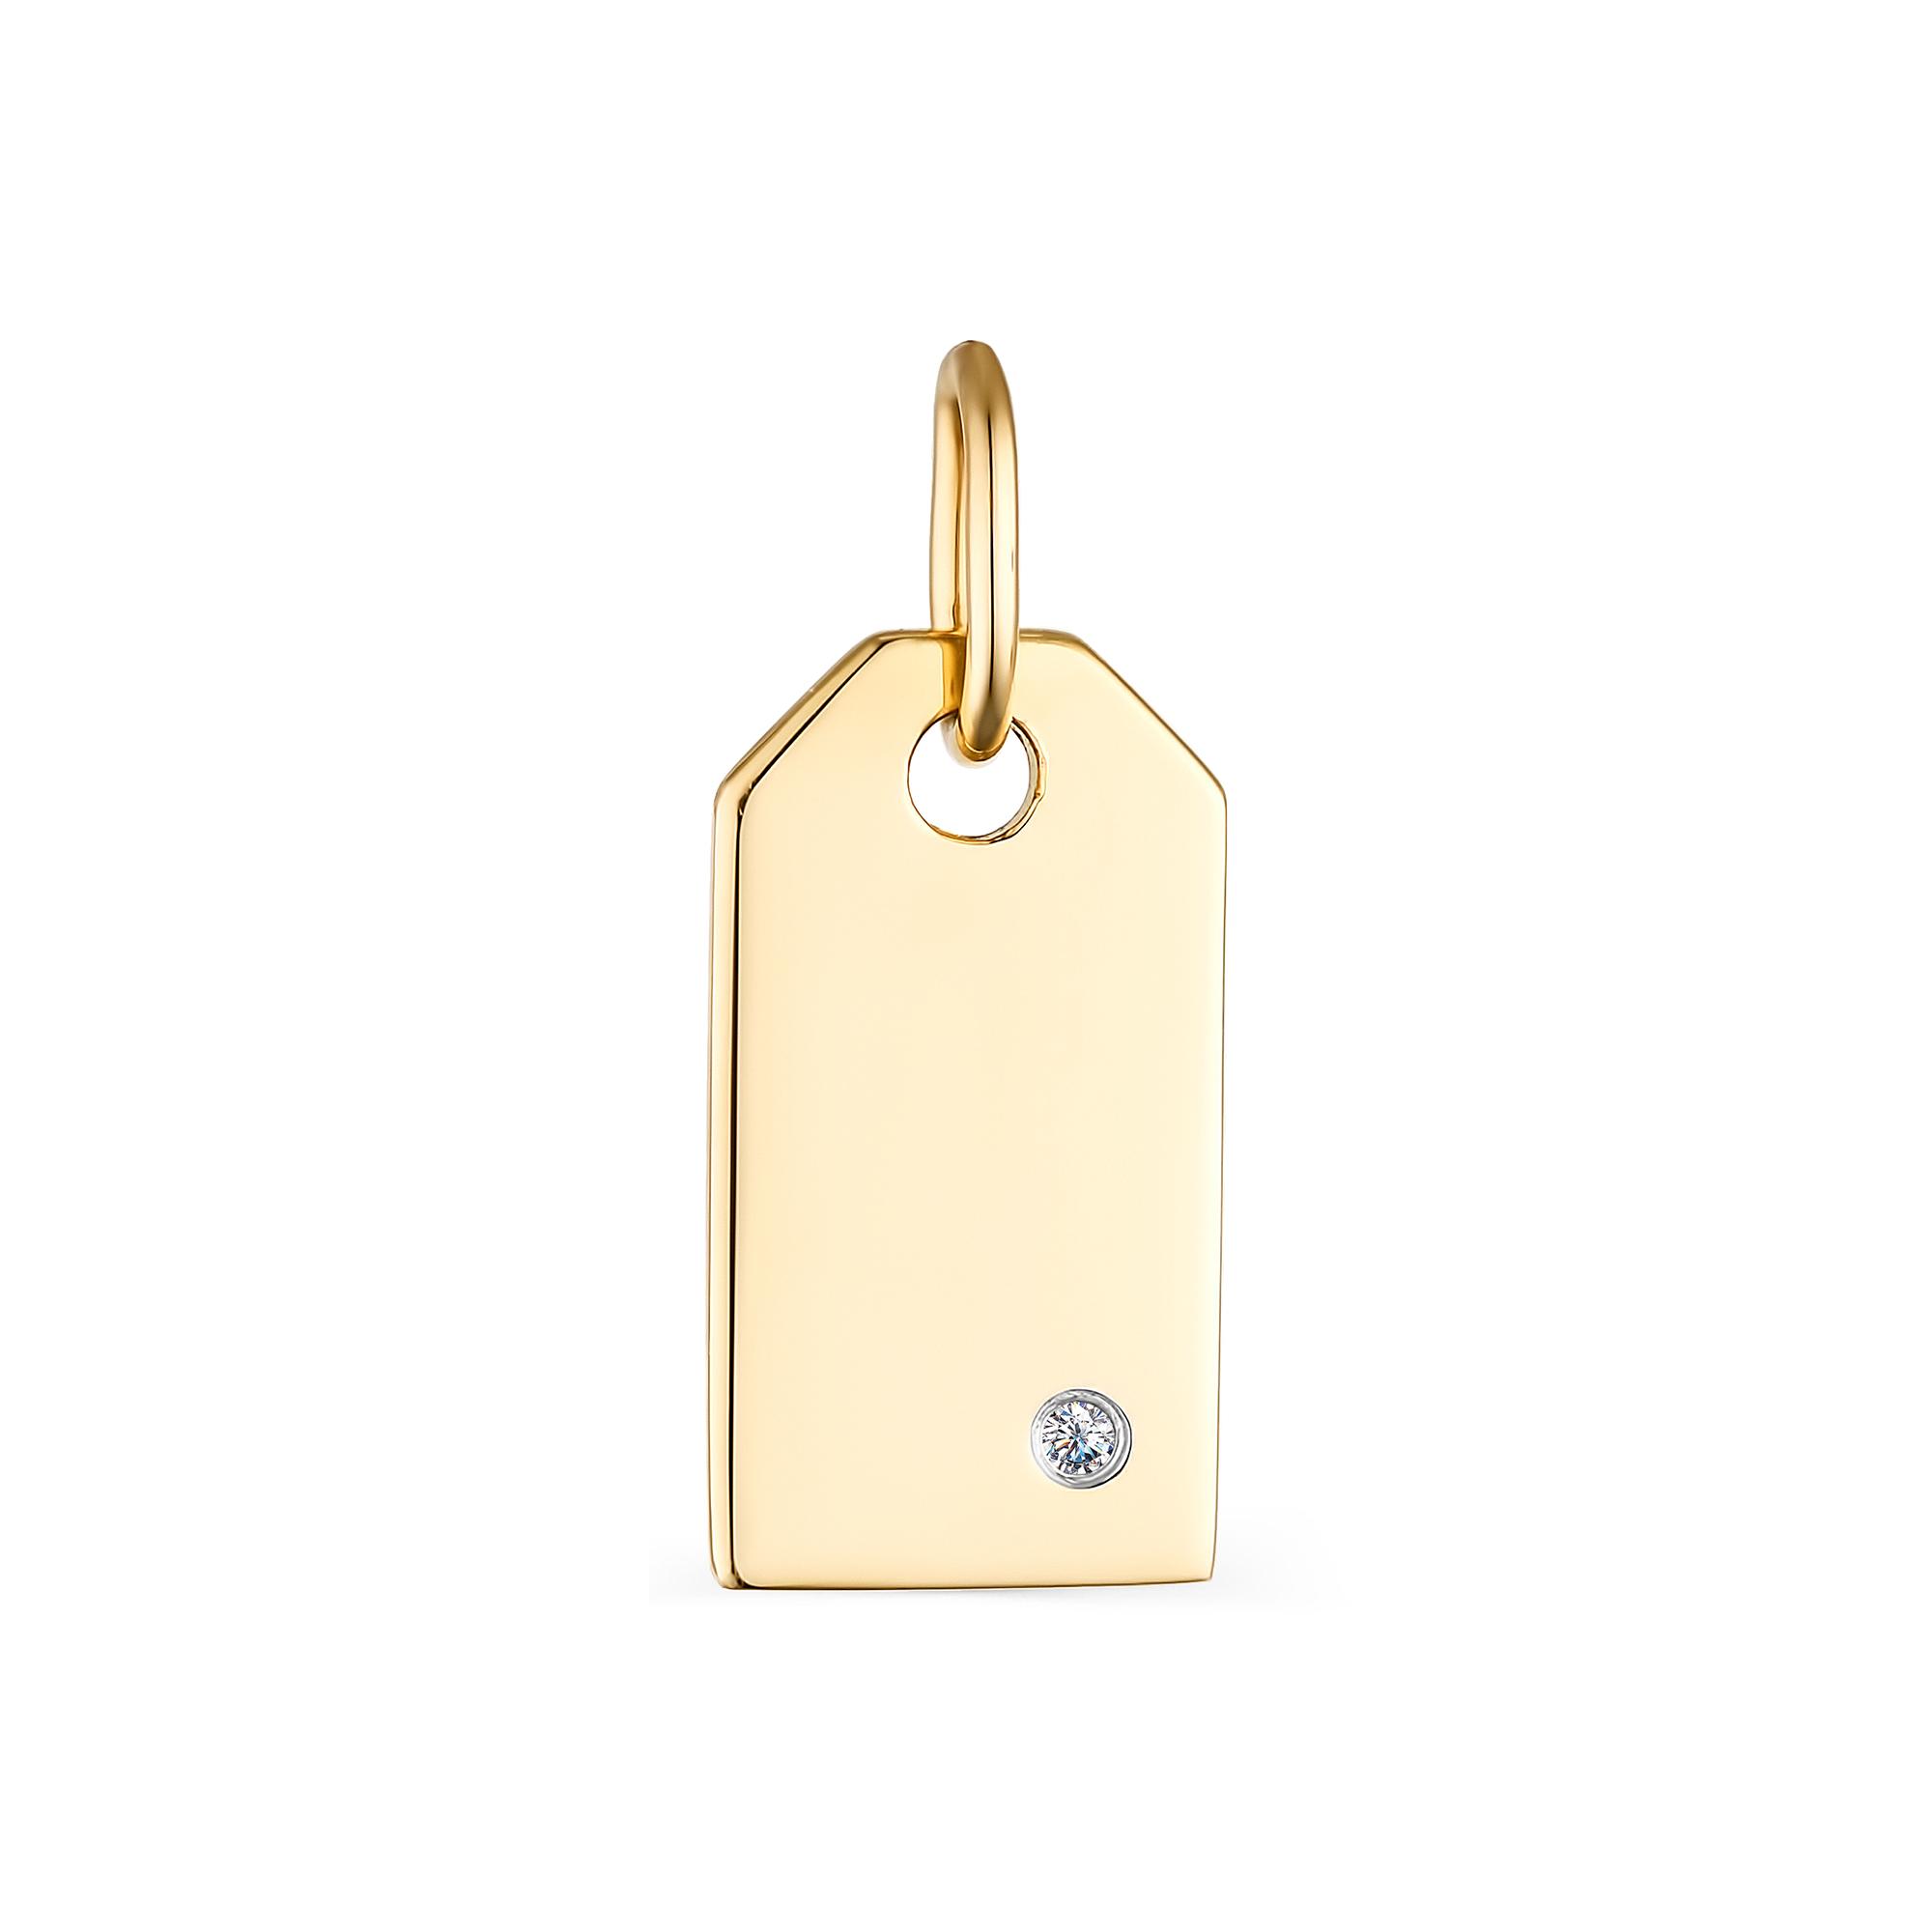 картинка подвеска 33723-300 1 бриллиант круг 57 0,007 120-200 4/5а 33723-300